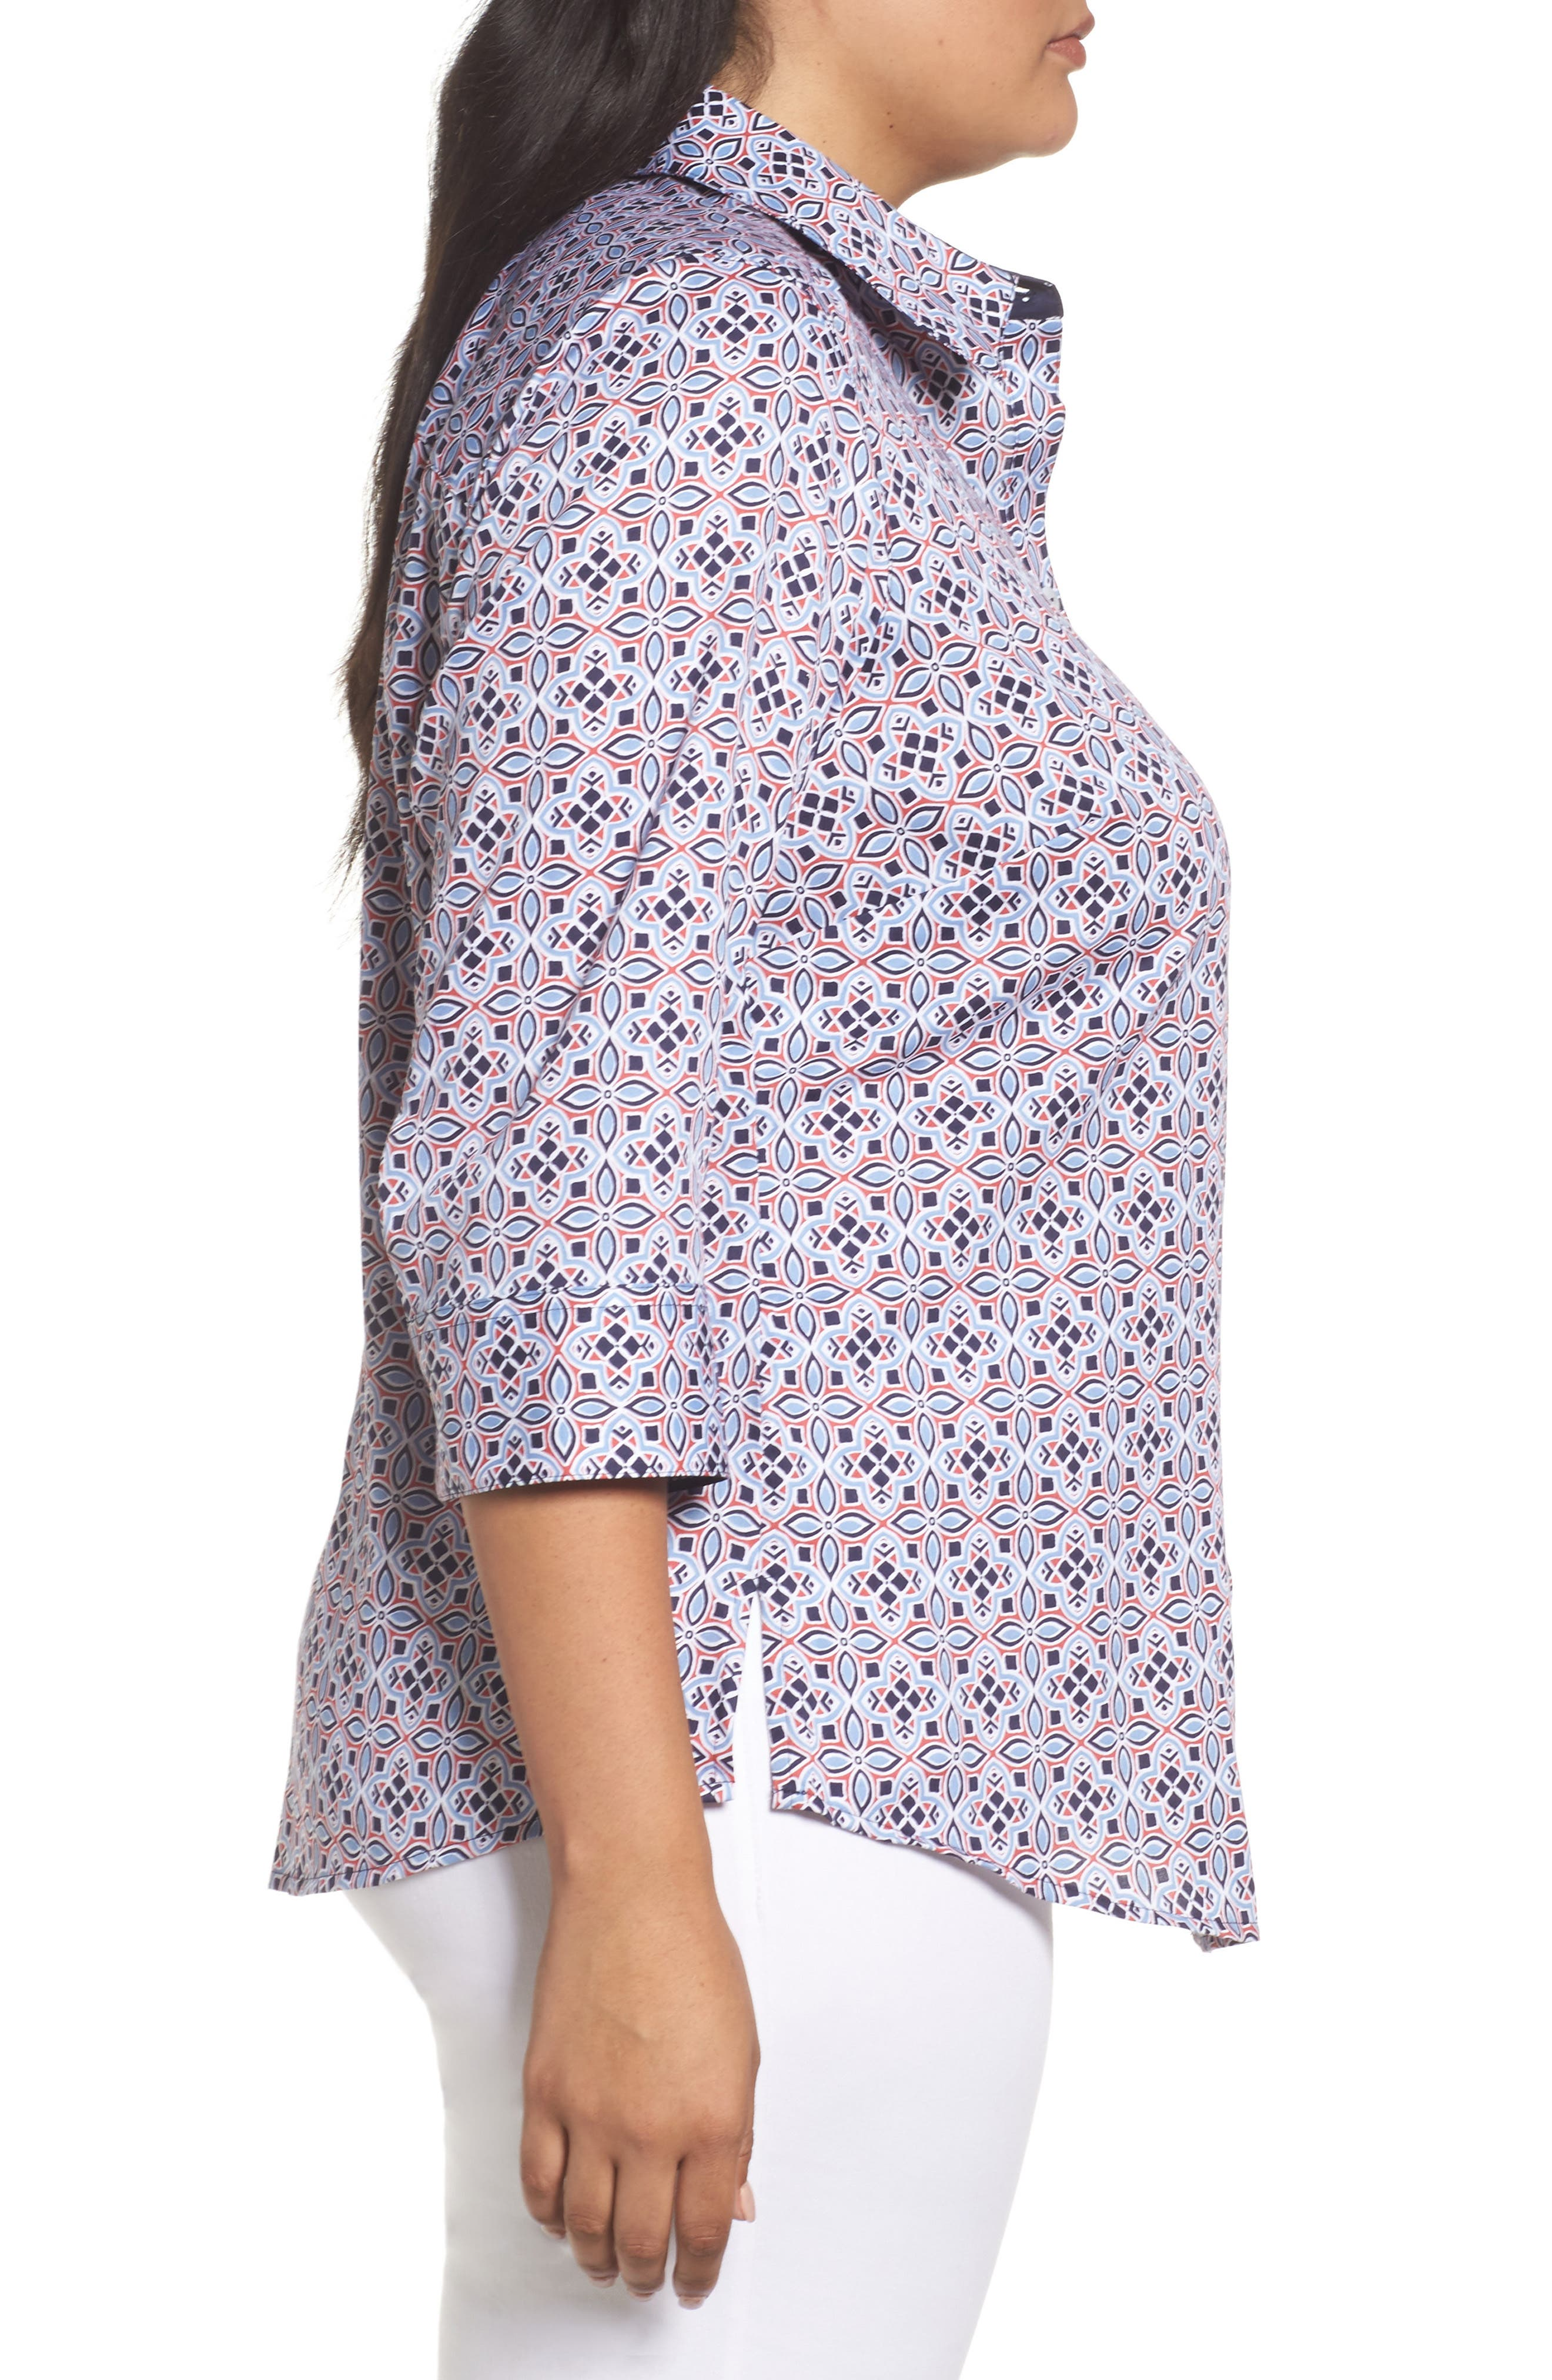 Alternate Image 3  - Foxcroft Ava Non-Iron Tile Print Cotton Shirt (Plus Size)